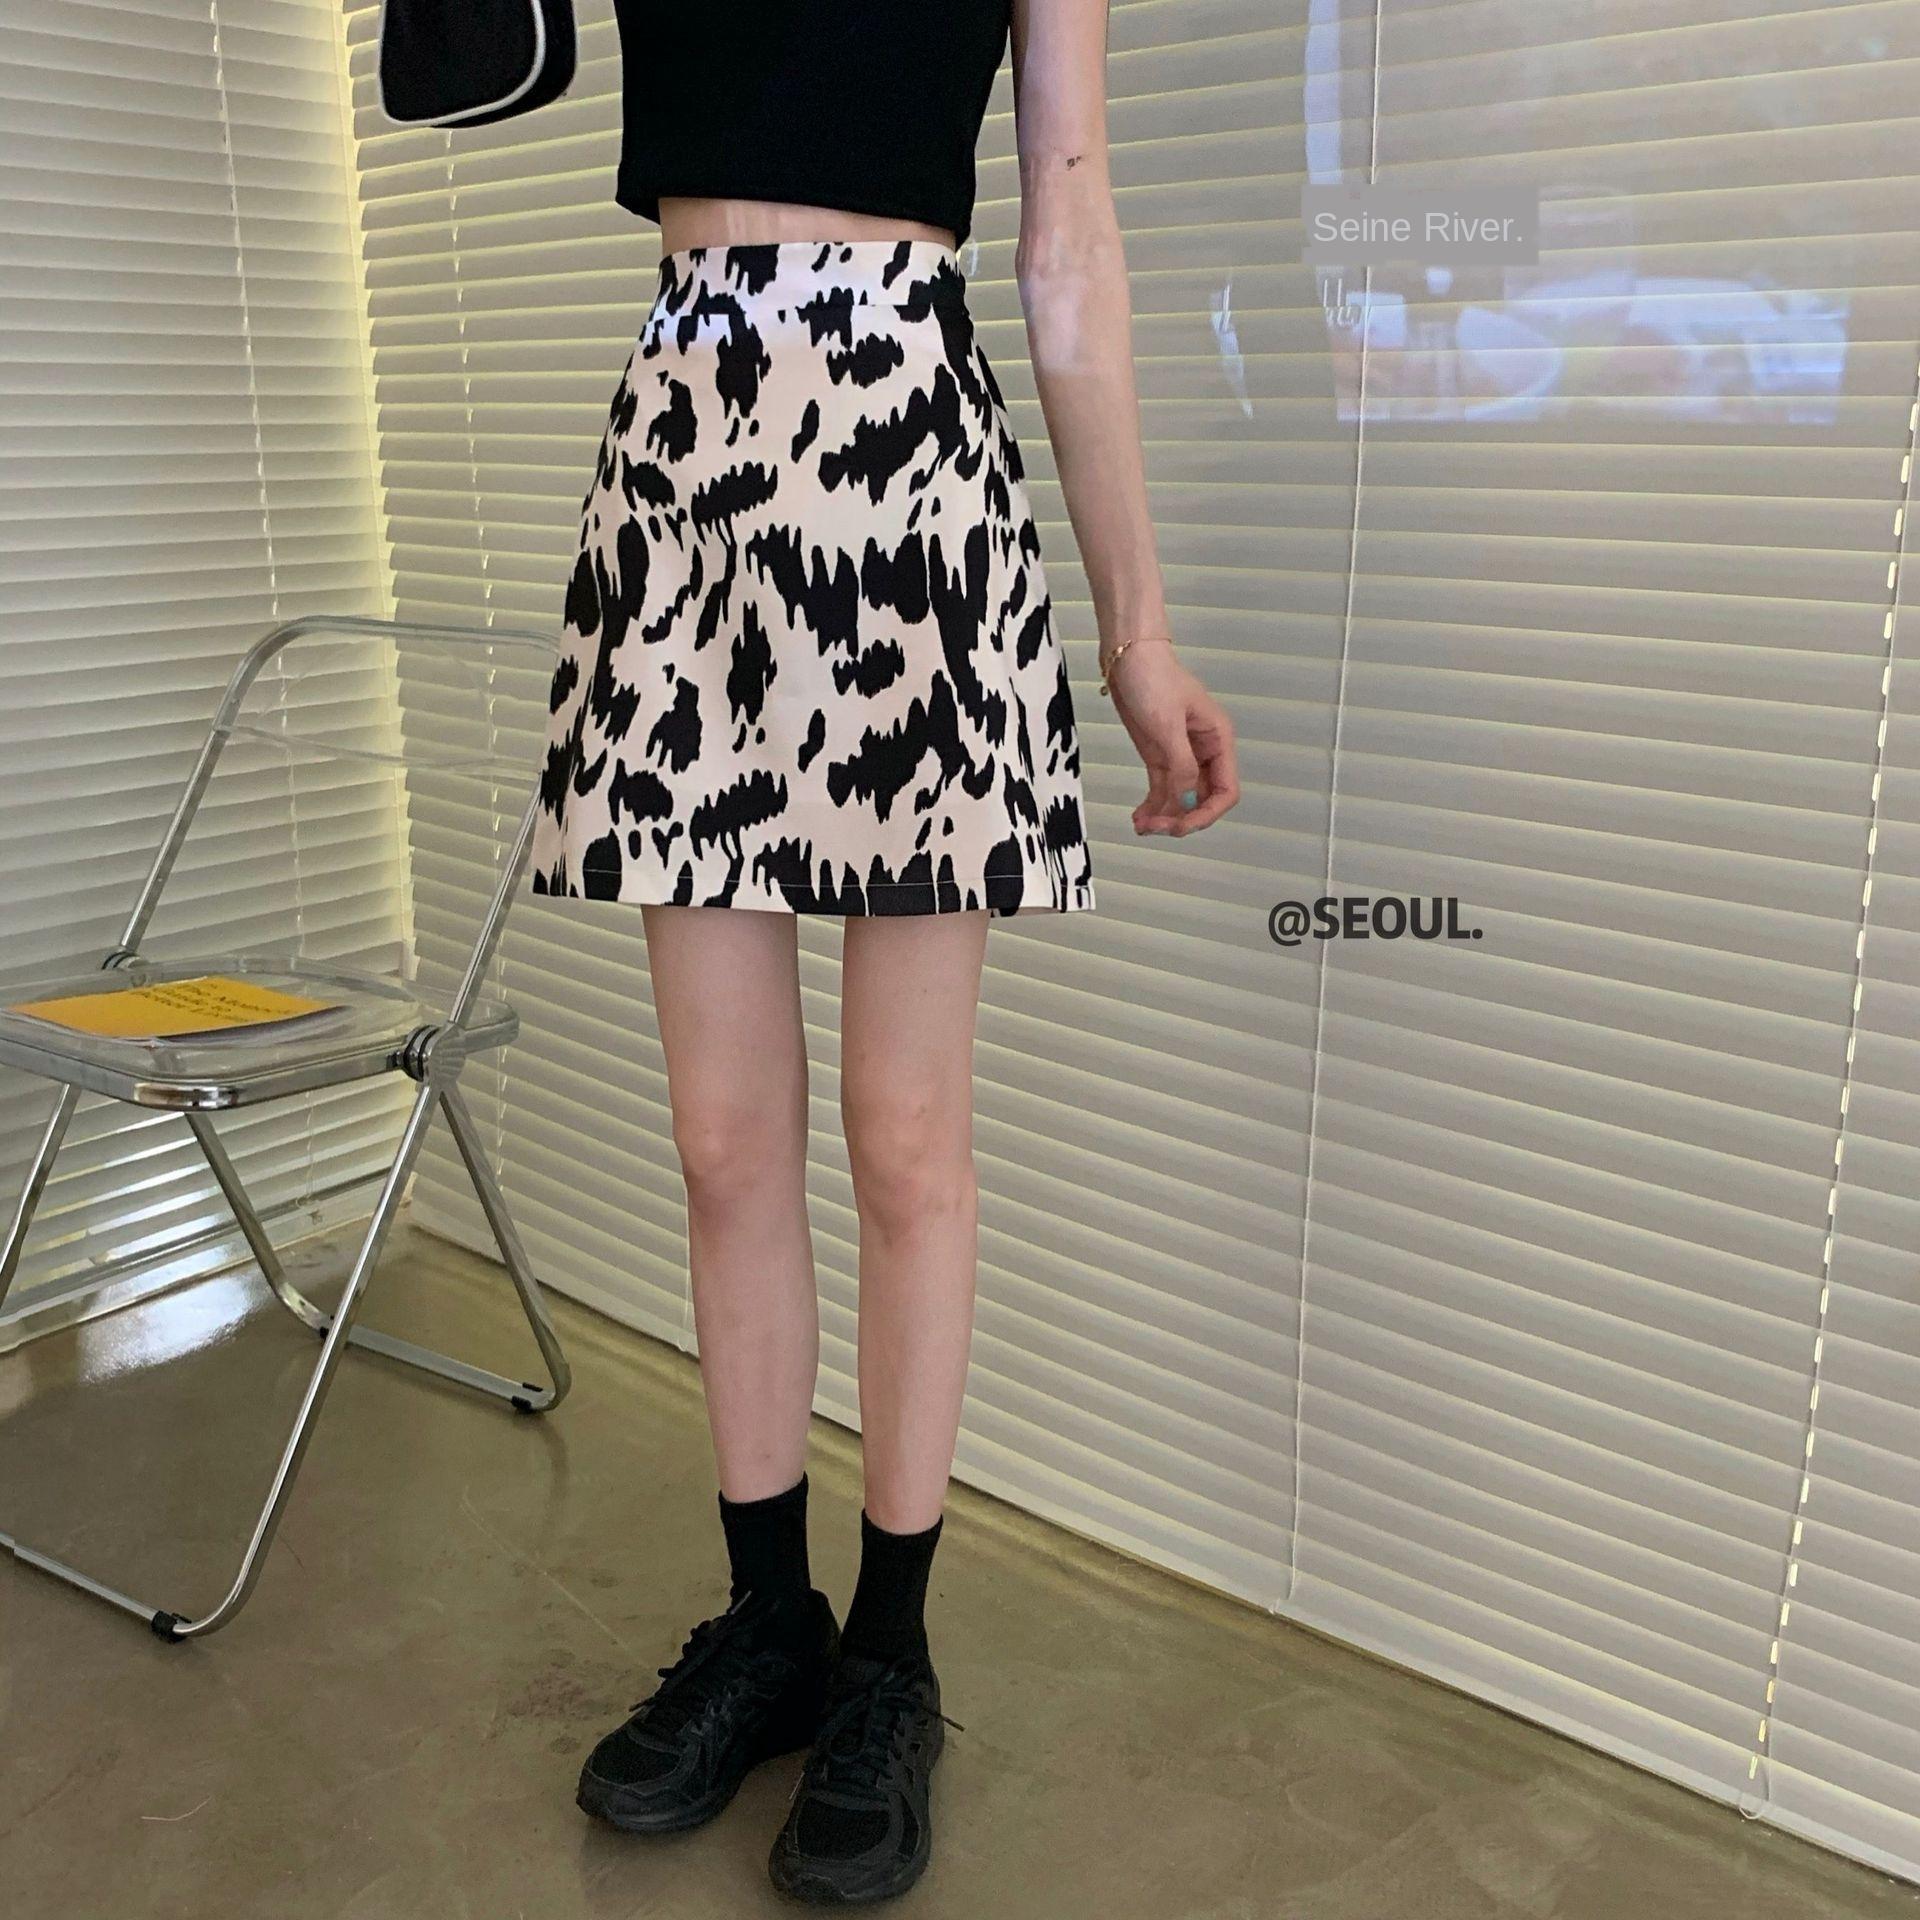 T-shirt preto A- linha de vestido T-shirt lixar tee short slim + mais jovem saia de linha A- vaca bonito saia 3EoyK